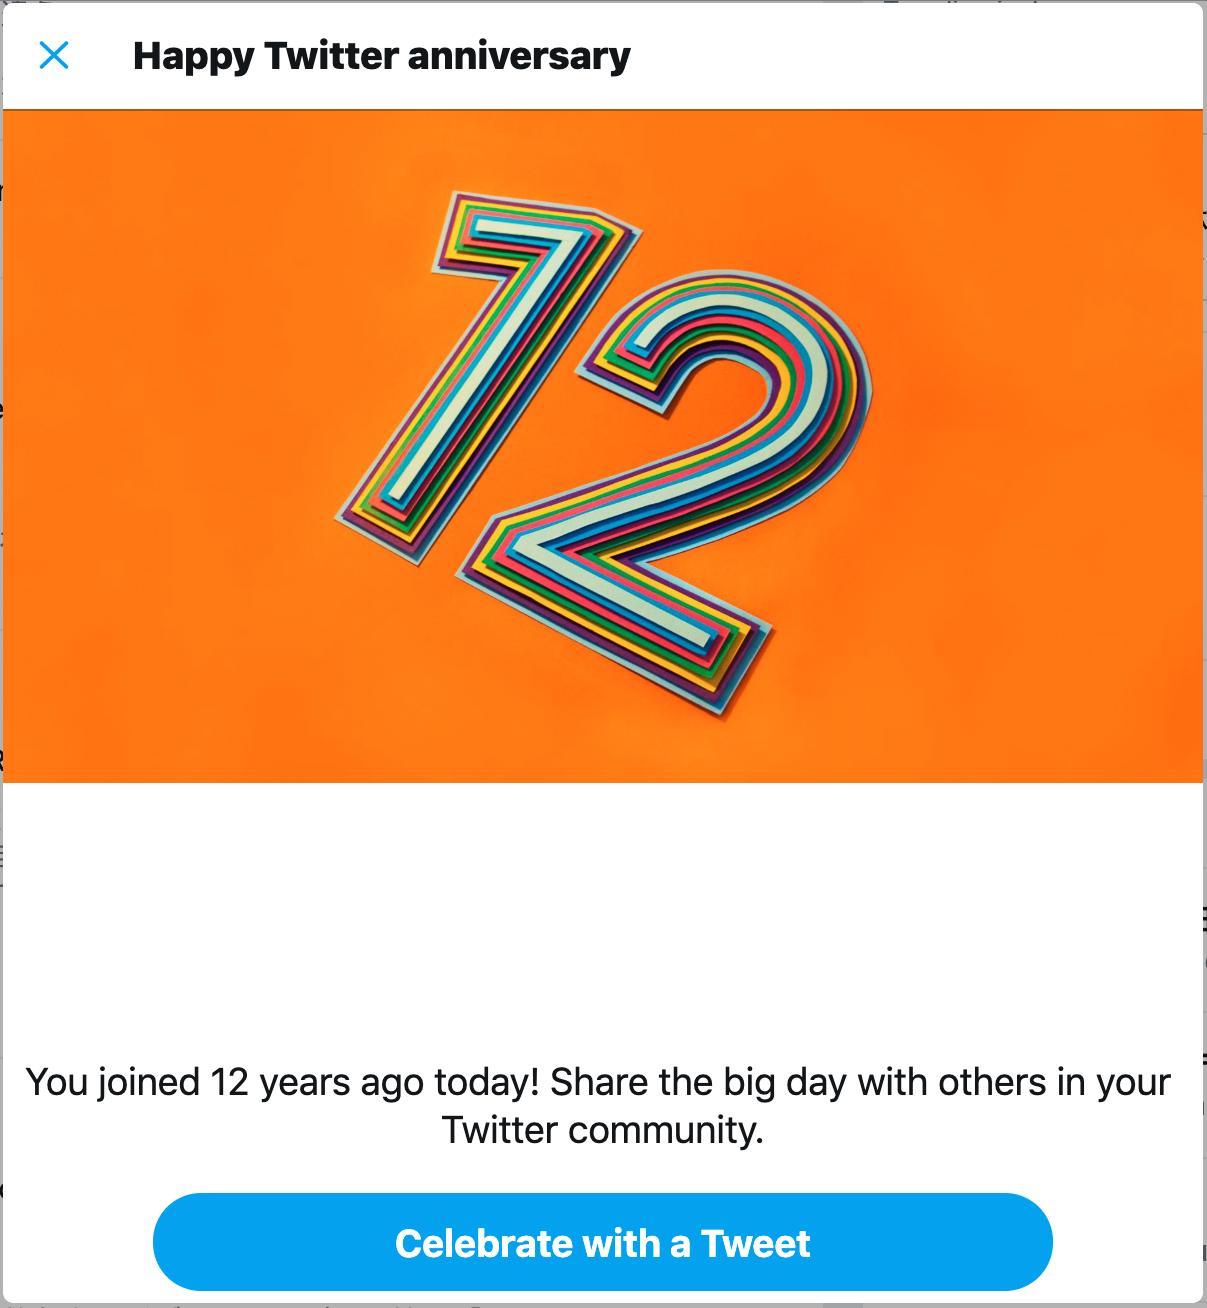 今日で Twitter をはじめて12年(∩´∀`)∩ 12周年だー https://t.co/noAjV628nS